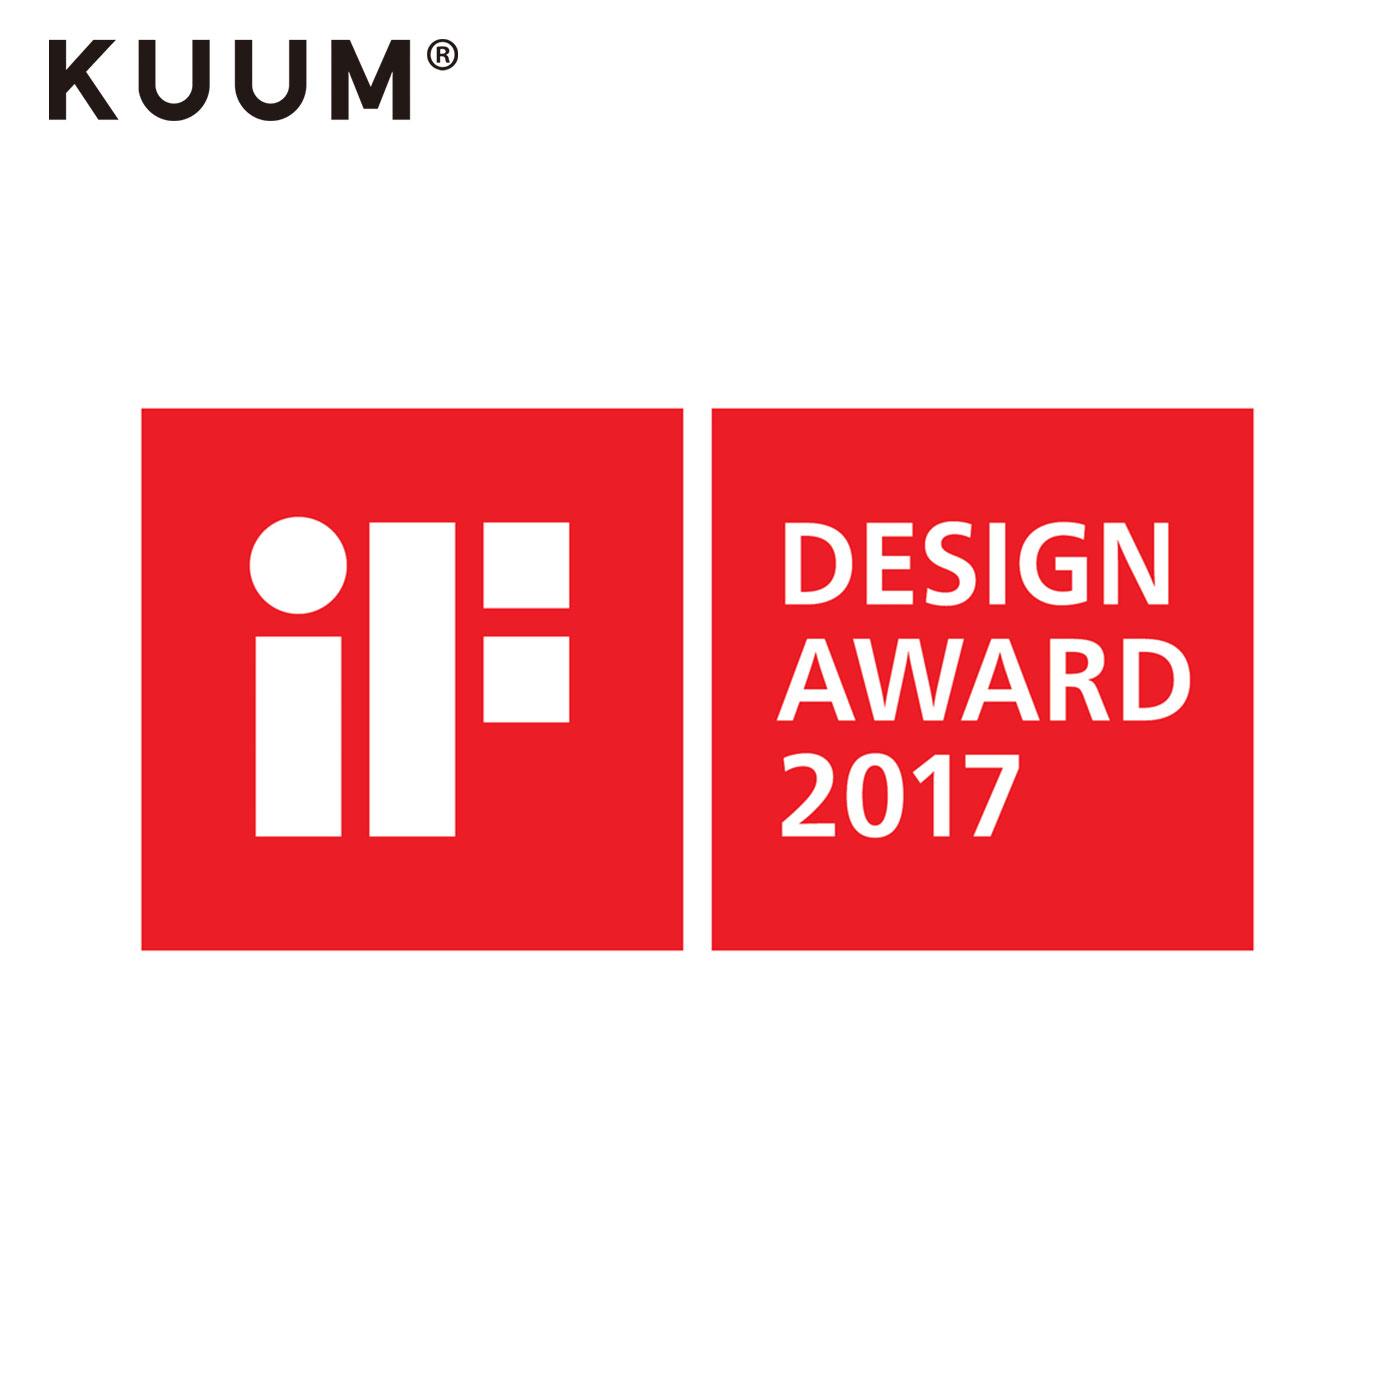 世界でも権威のあるデザイン賞「iF DESIGN AWARD 2017」を受賞しました。